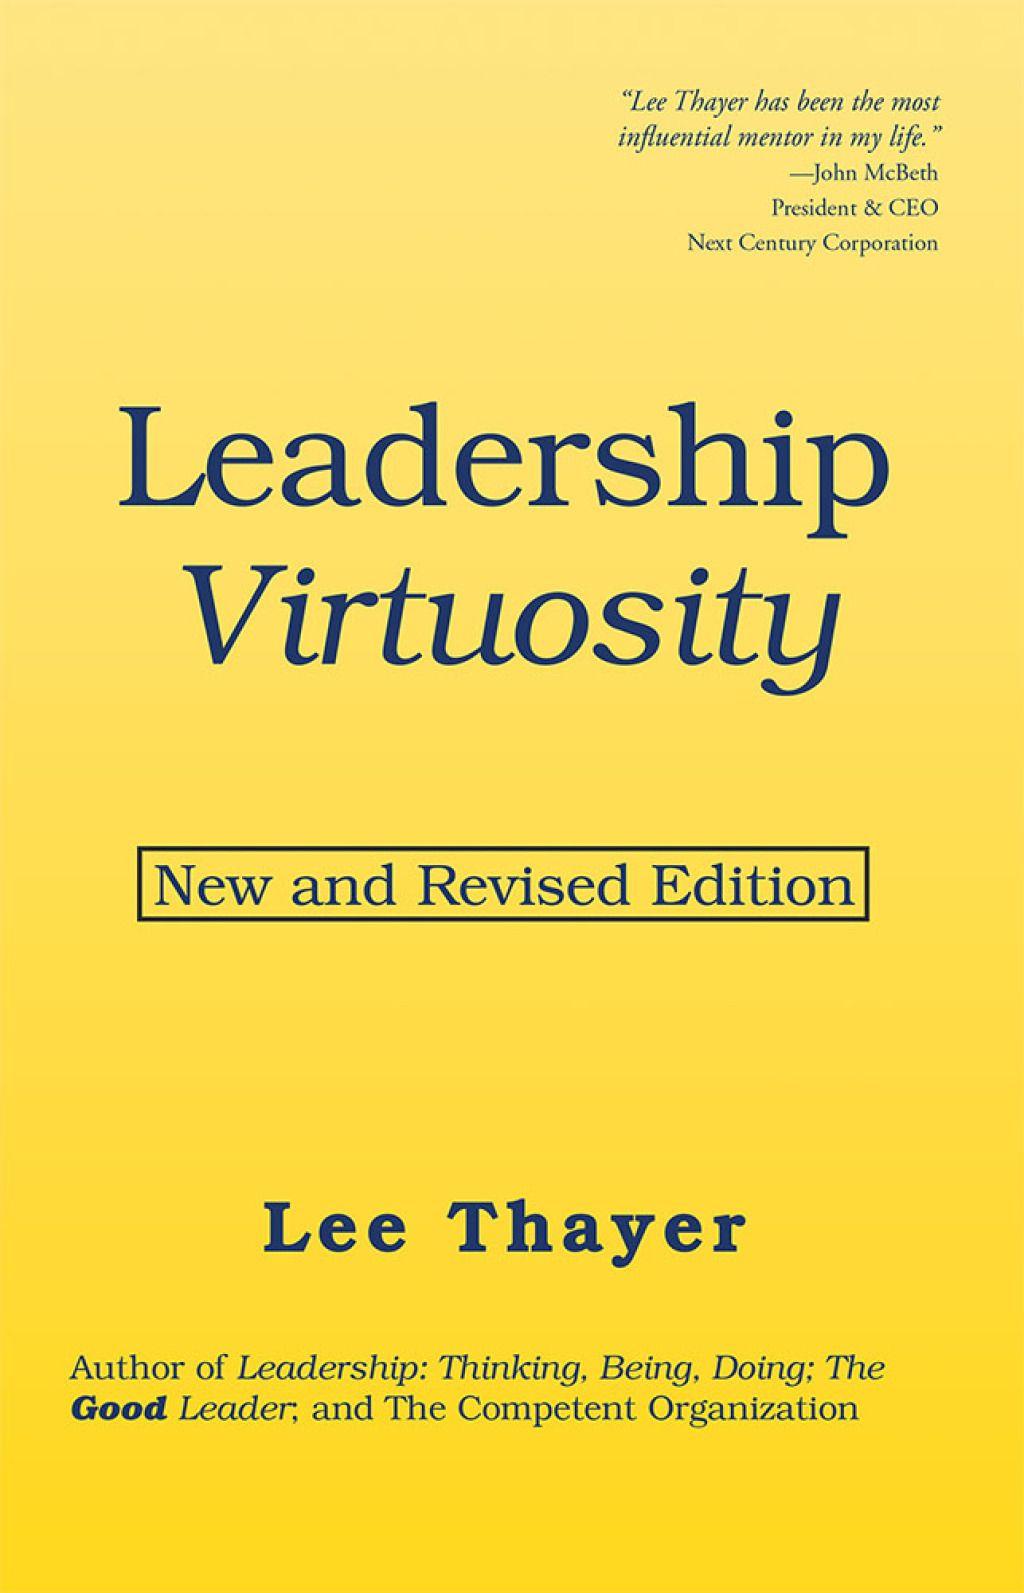 Leadership virtuosity ebook leadership education life